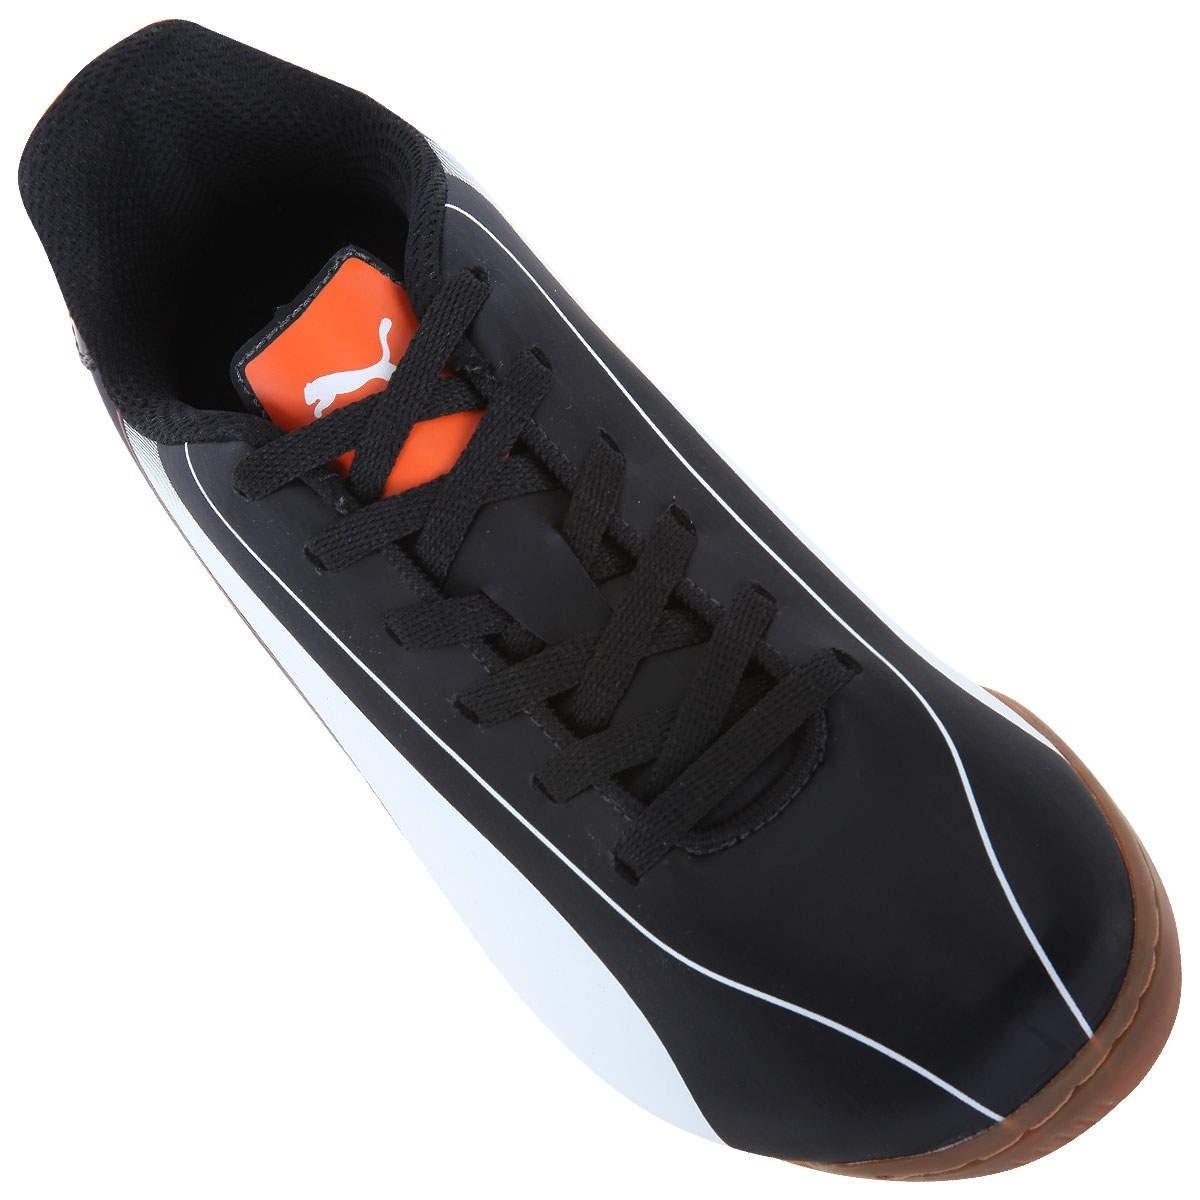 0339326aa3 Tênis Chuteira Puma Futsal Indoor Evocat It - R  59